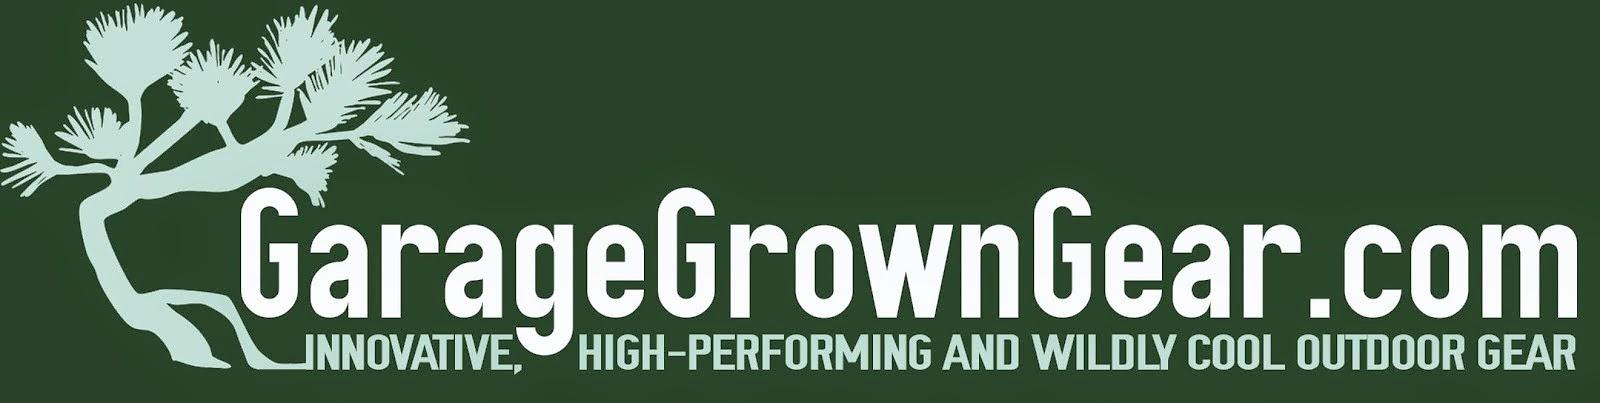 GarageGrownGear